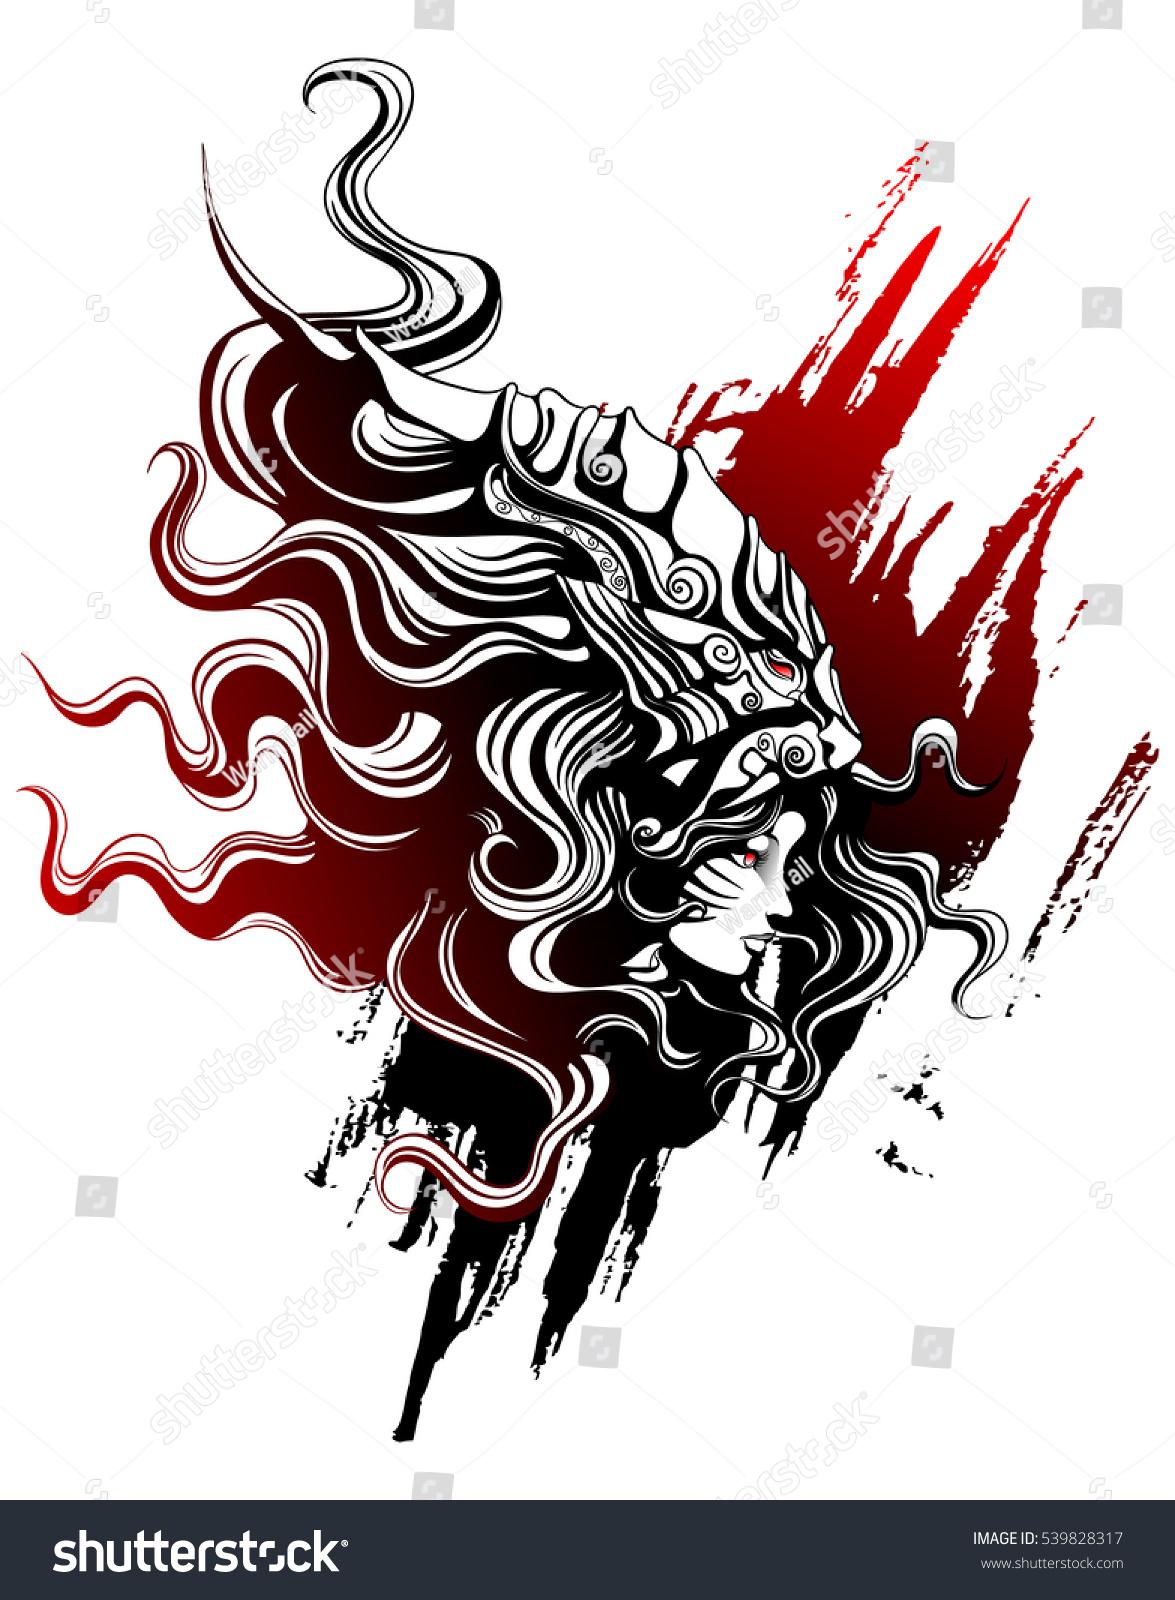 Girl mask lion painted chinese style stock vector 539828317 the girl in the mask the lion painted in the chinese style buycottarizona